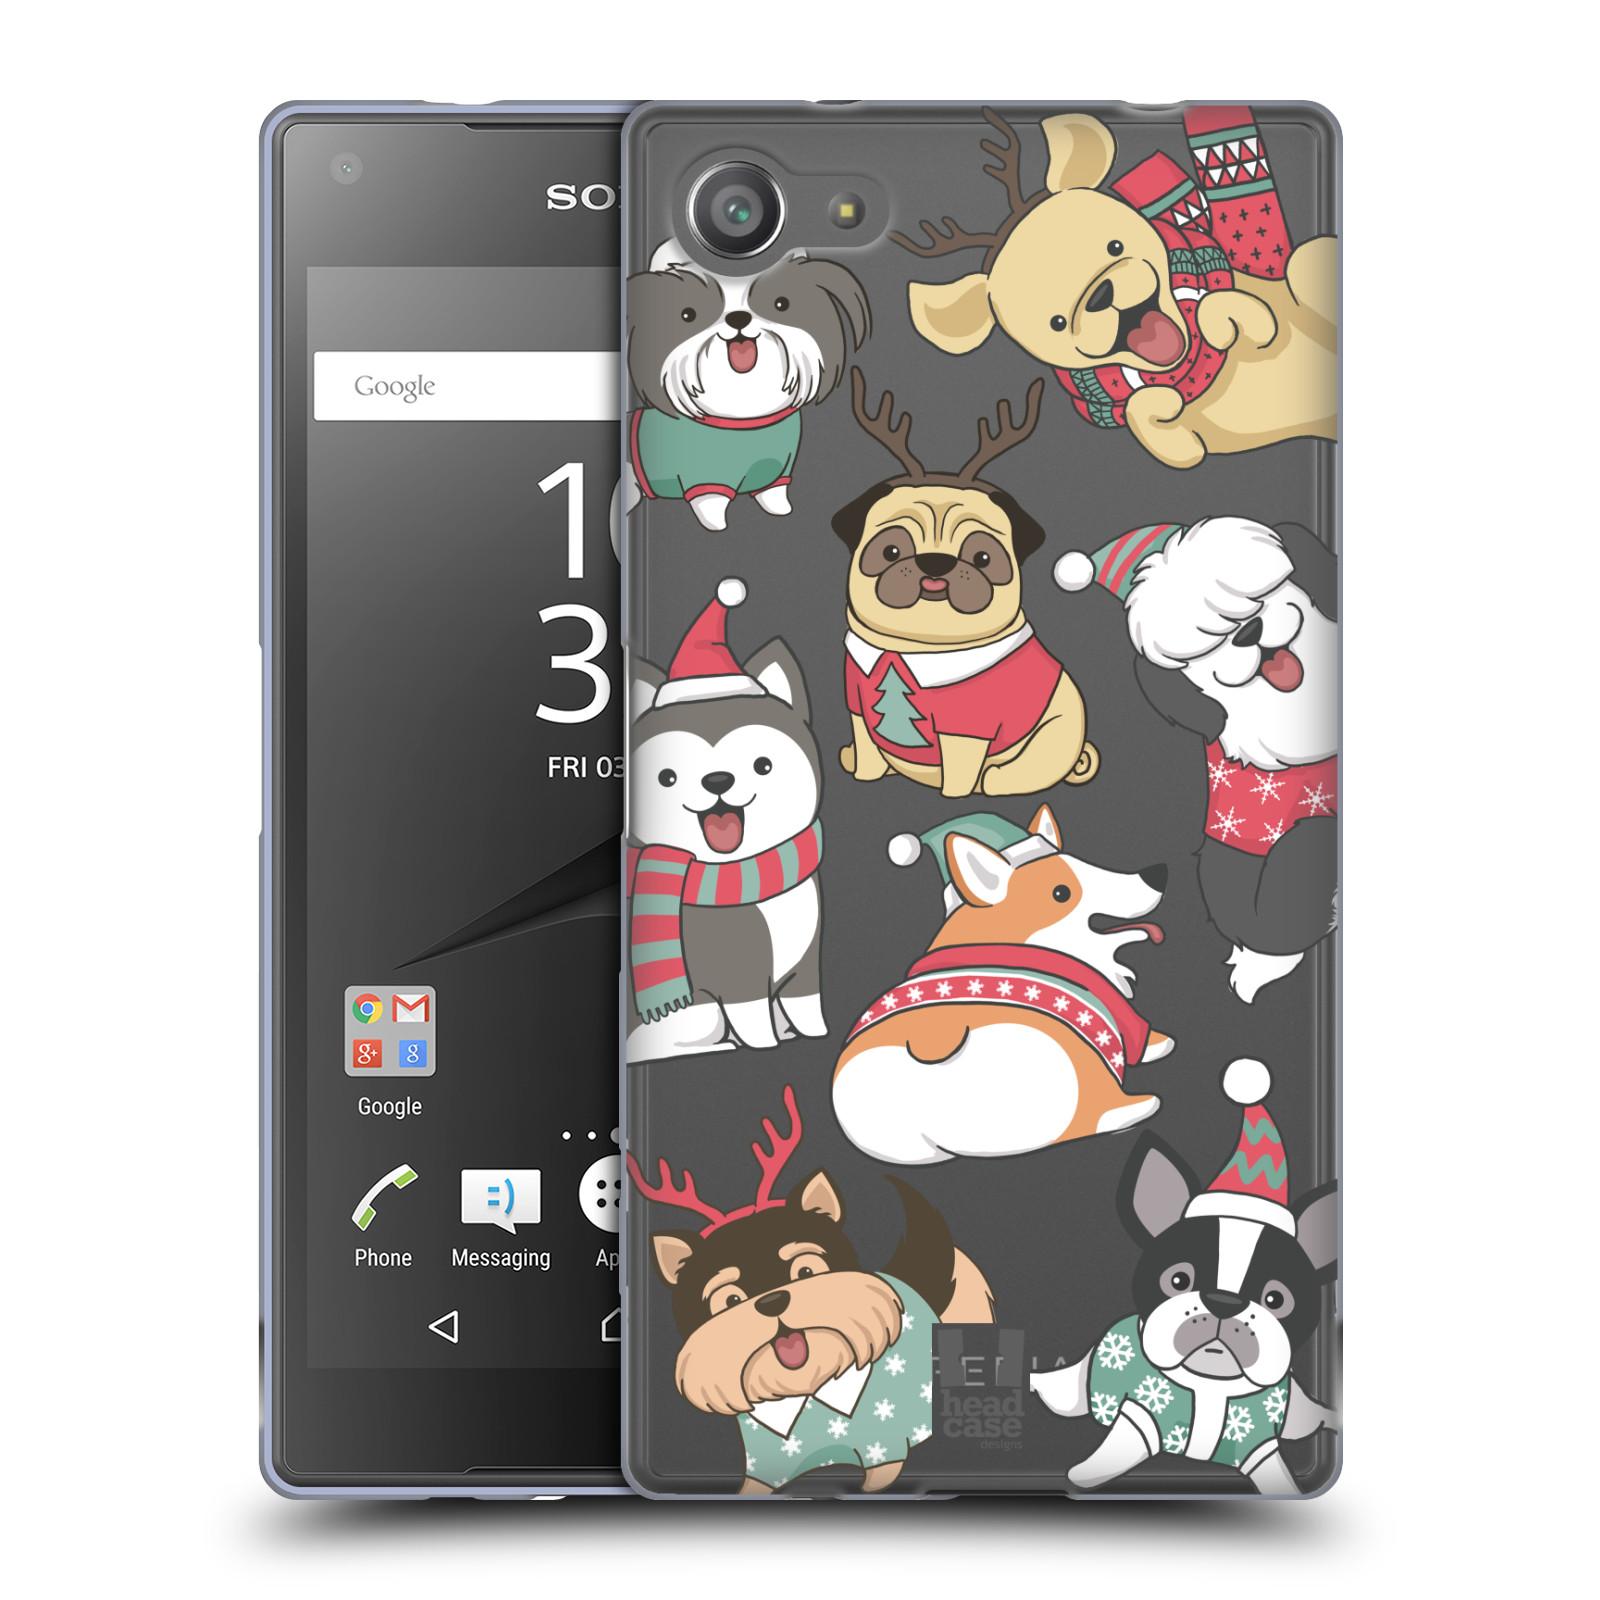 Silikonové pouzdro na mobil Sony Xperia Z5 Compact - Head Case - Vánoční pejsci